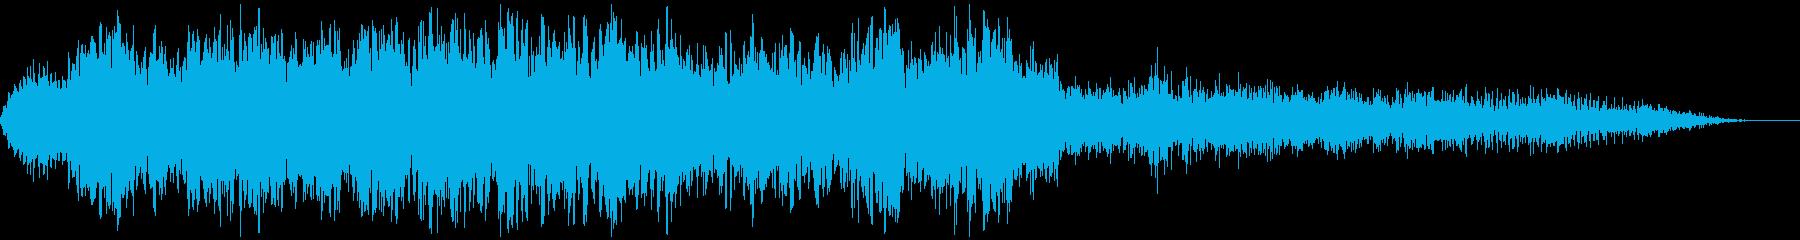 【アンビエント】ドローン_09 実験音の再生済みの波形